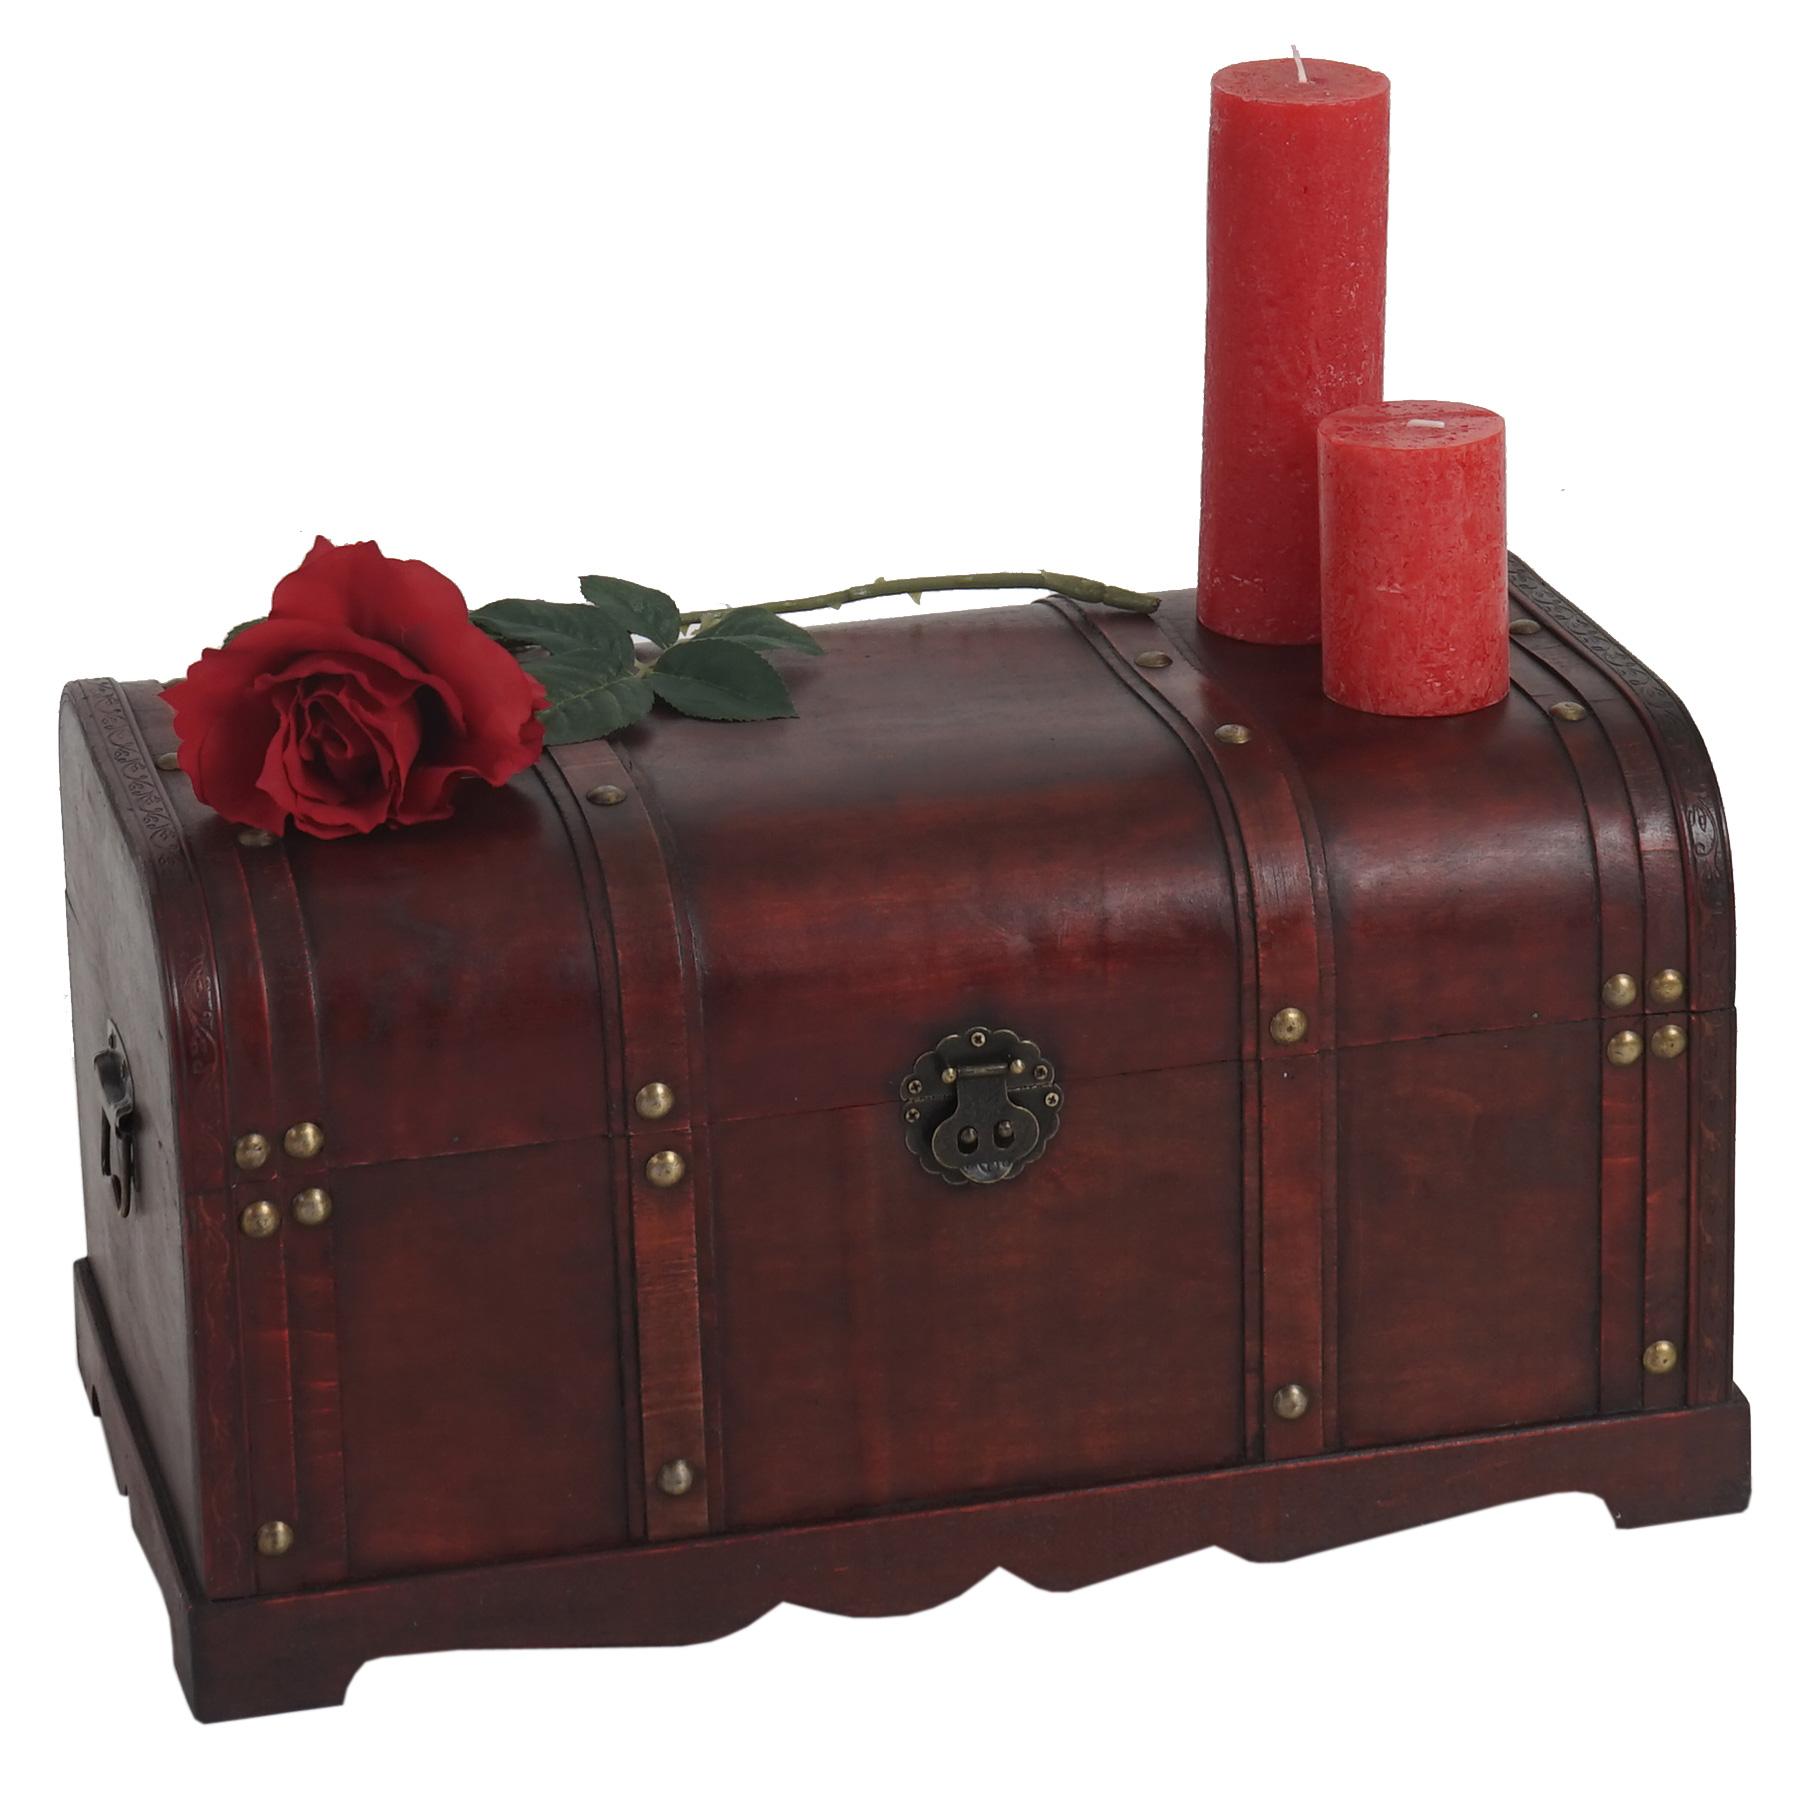 Mendler Holztruhe Holzbox Schatztruhe Valence Antikoptik 39x67x38cm ~ Variantenangebot 34226